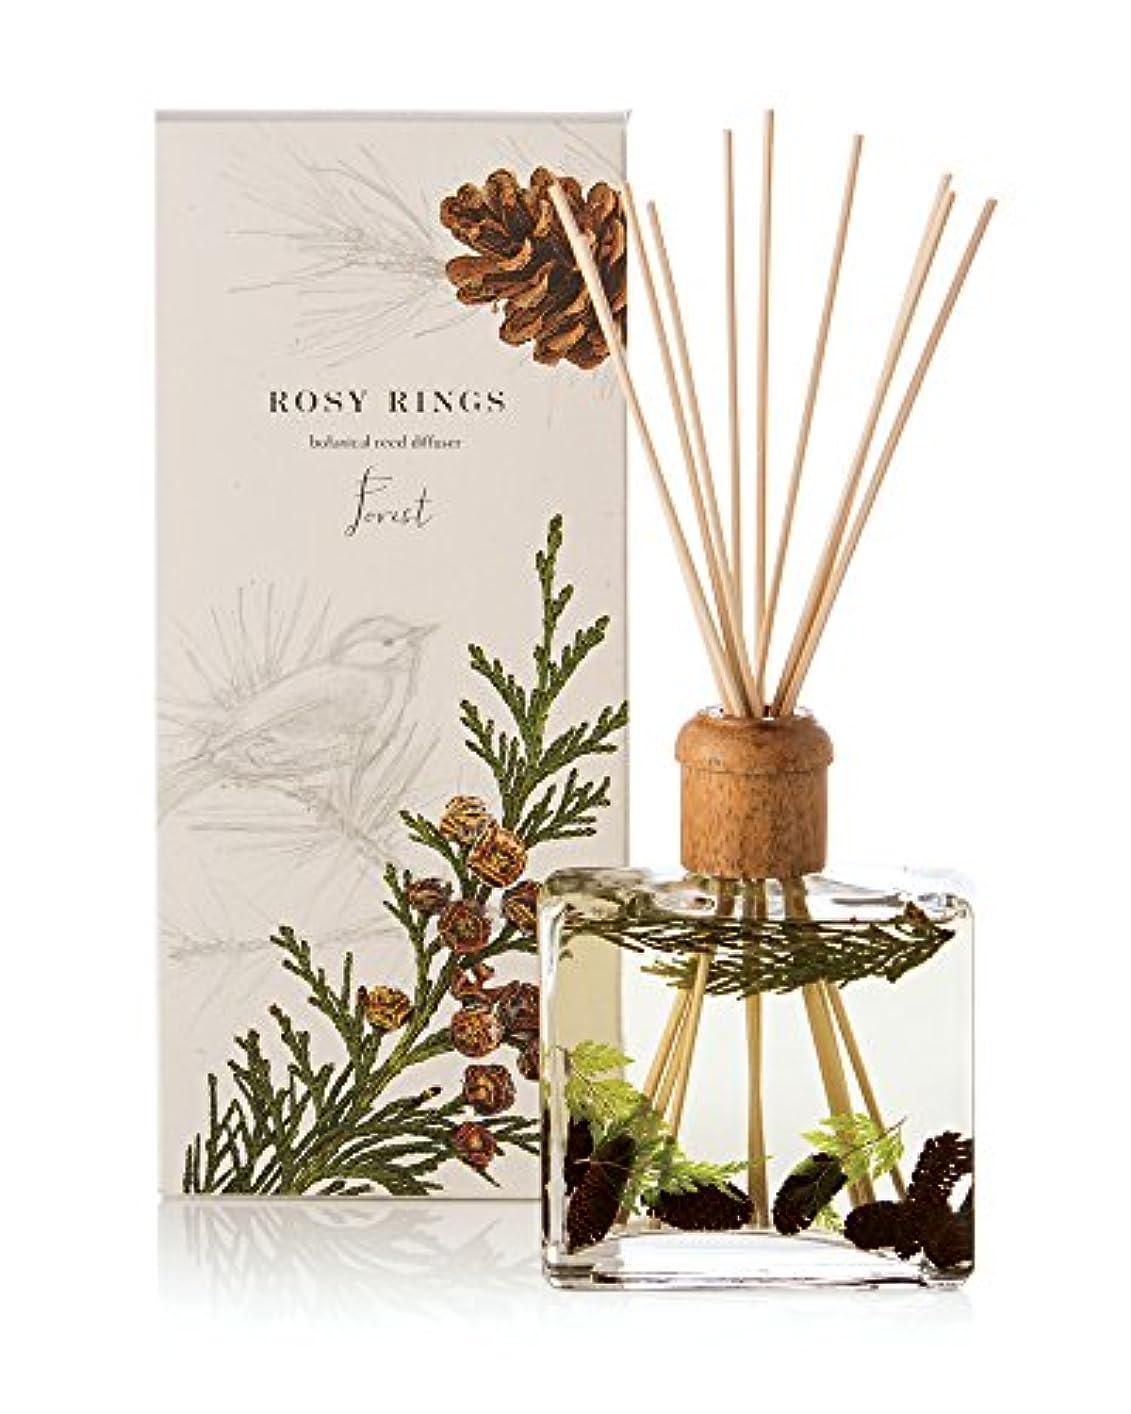 長椅子イノセンスジャングルロージーリングス ボタニカルリードディフューザー フォレスト ROSY RINGS Signature Collection Botanical Reed Diffuser – Forest